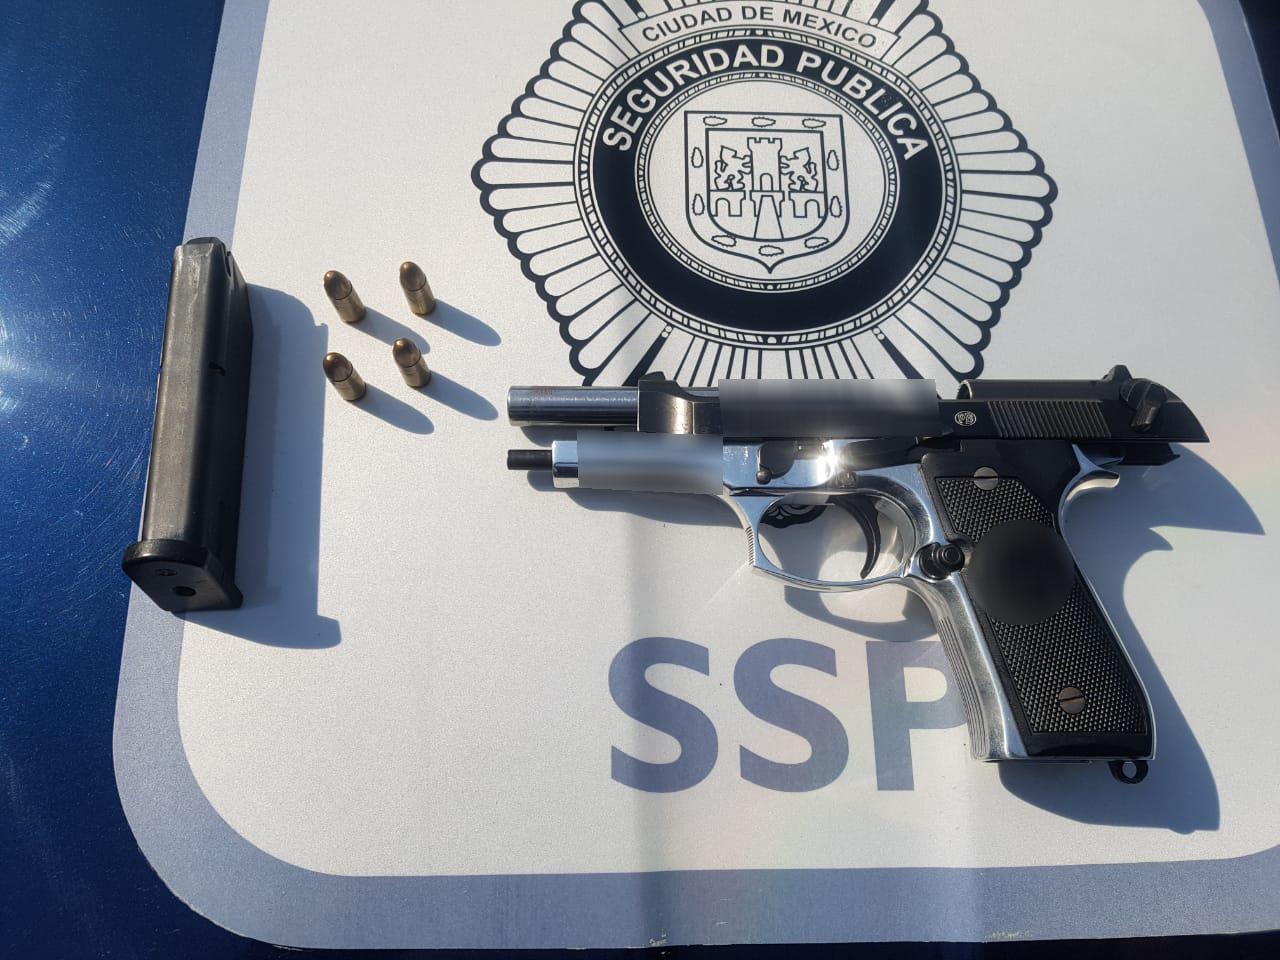 Recupera SSC 166 armas de fuego usadas en la Comisión de Delitos en enero